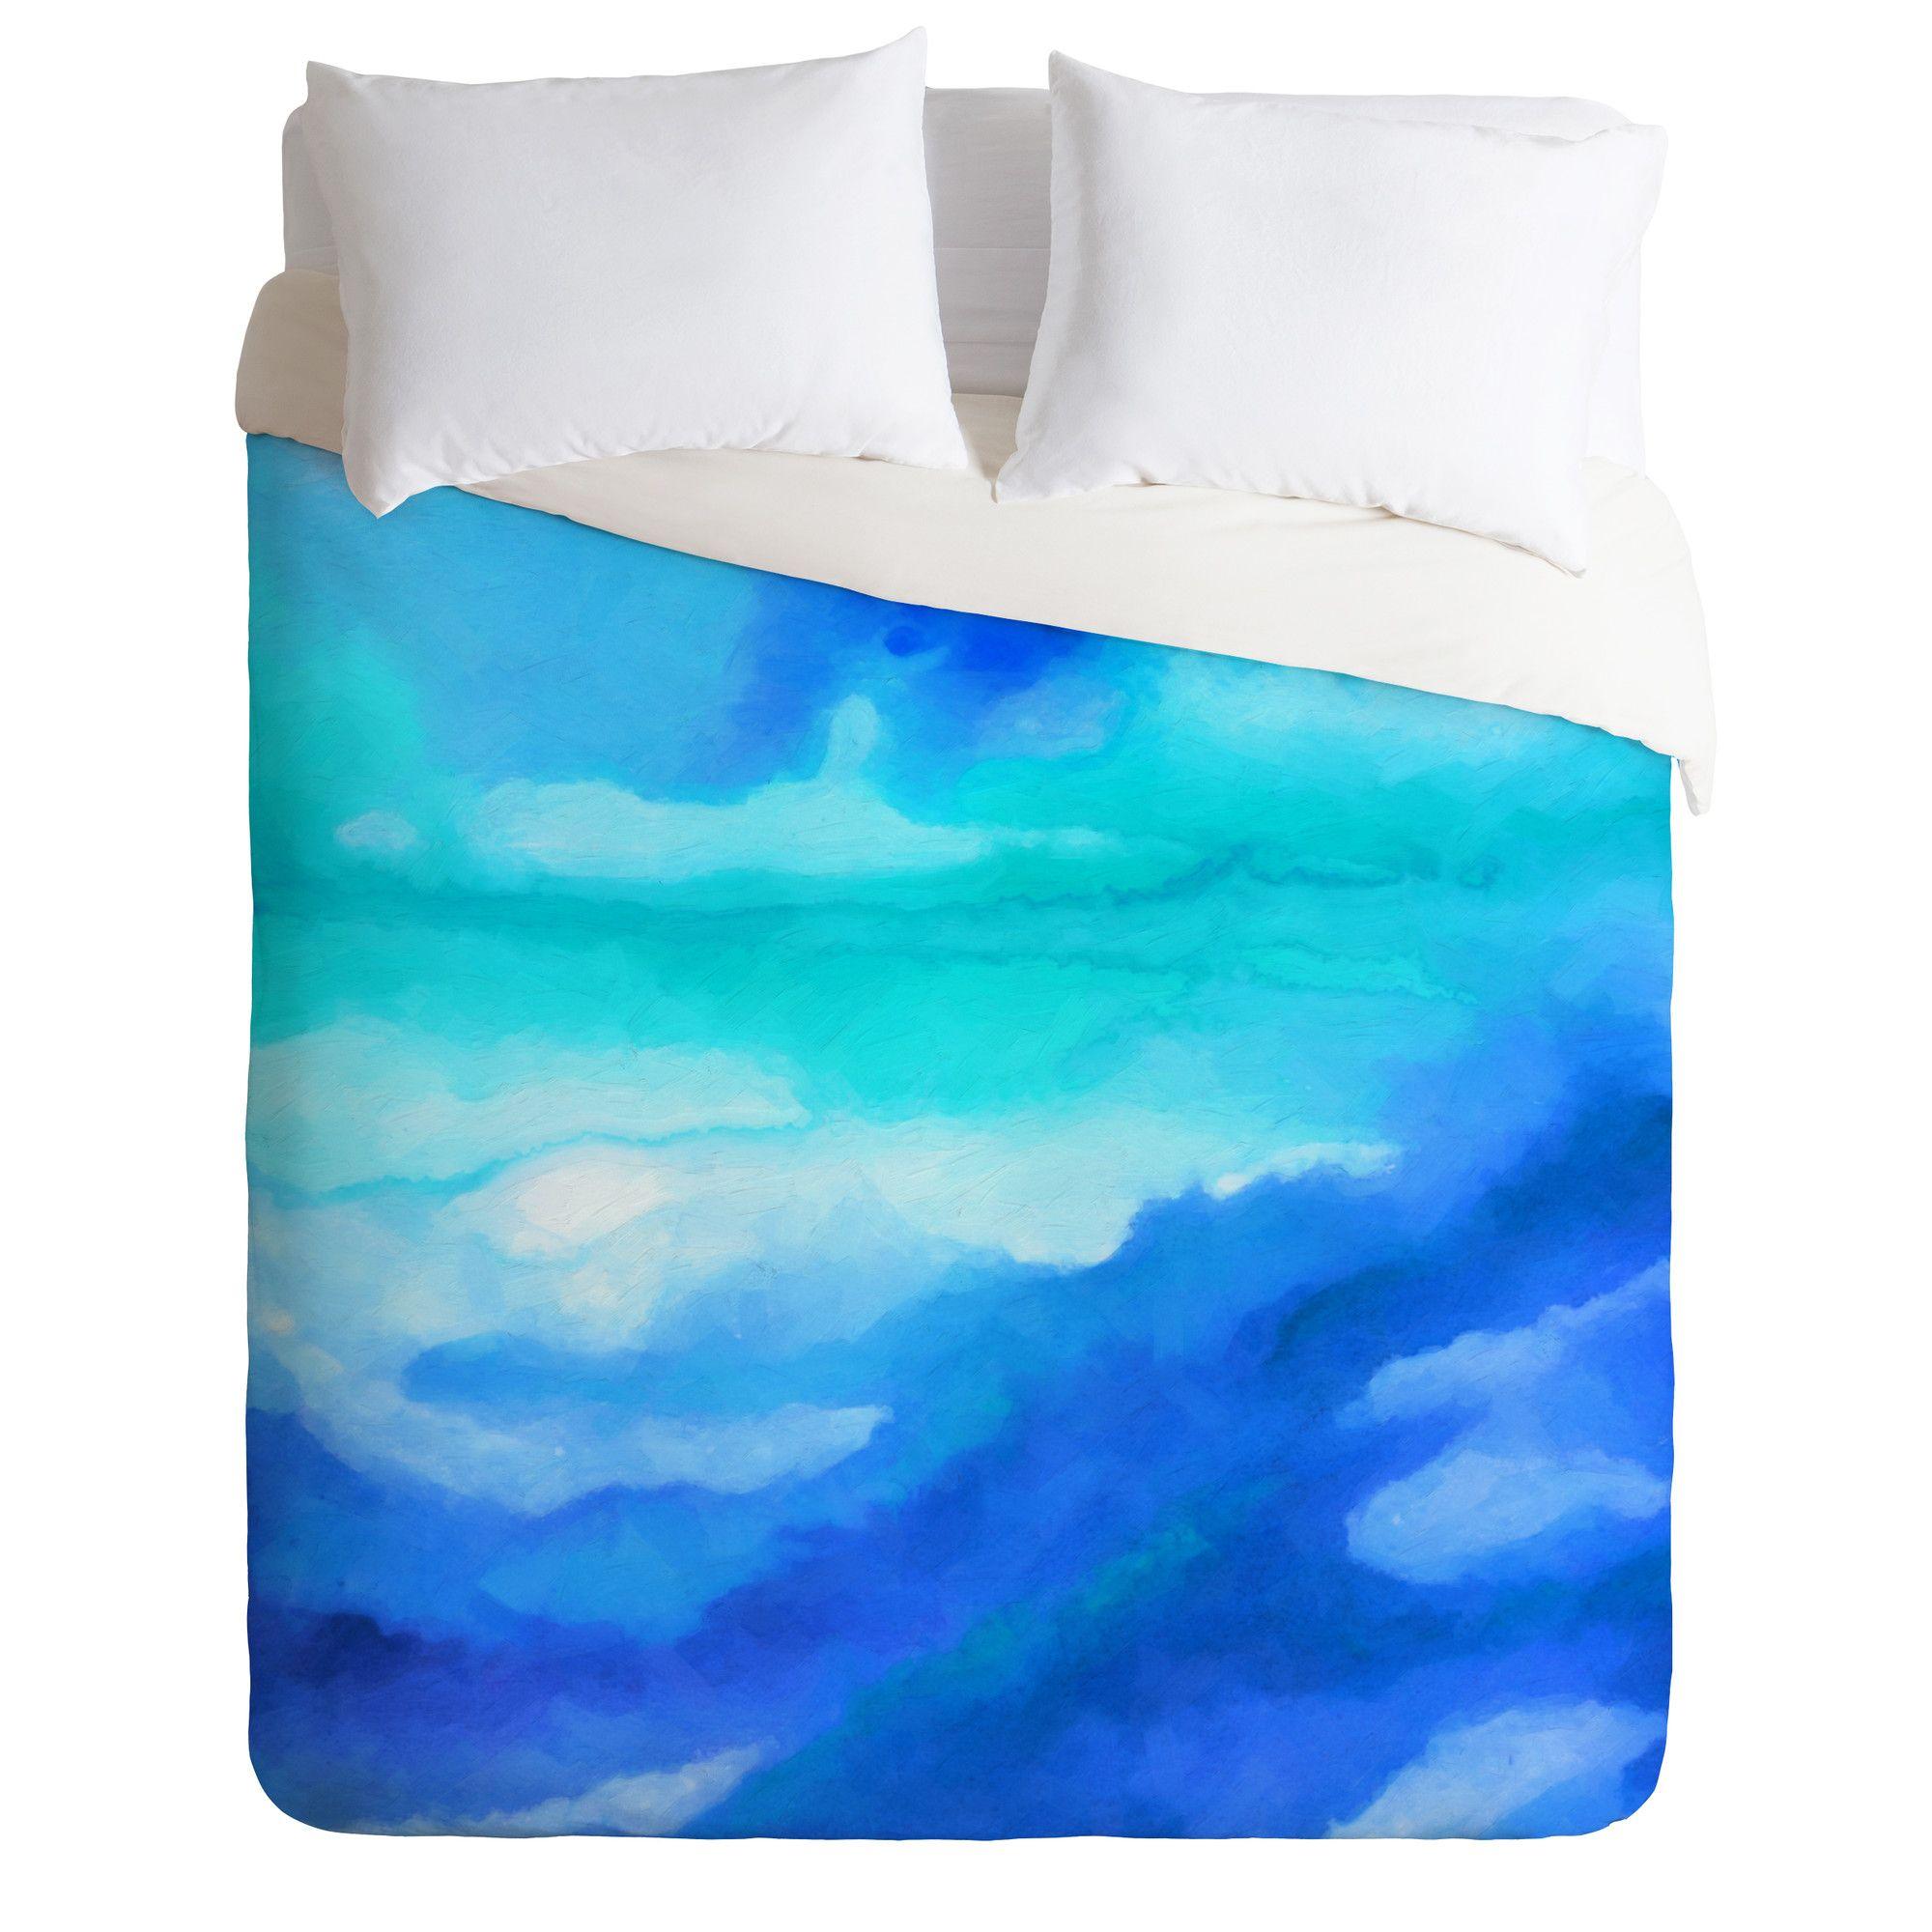 Watercolor bedding